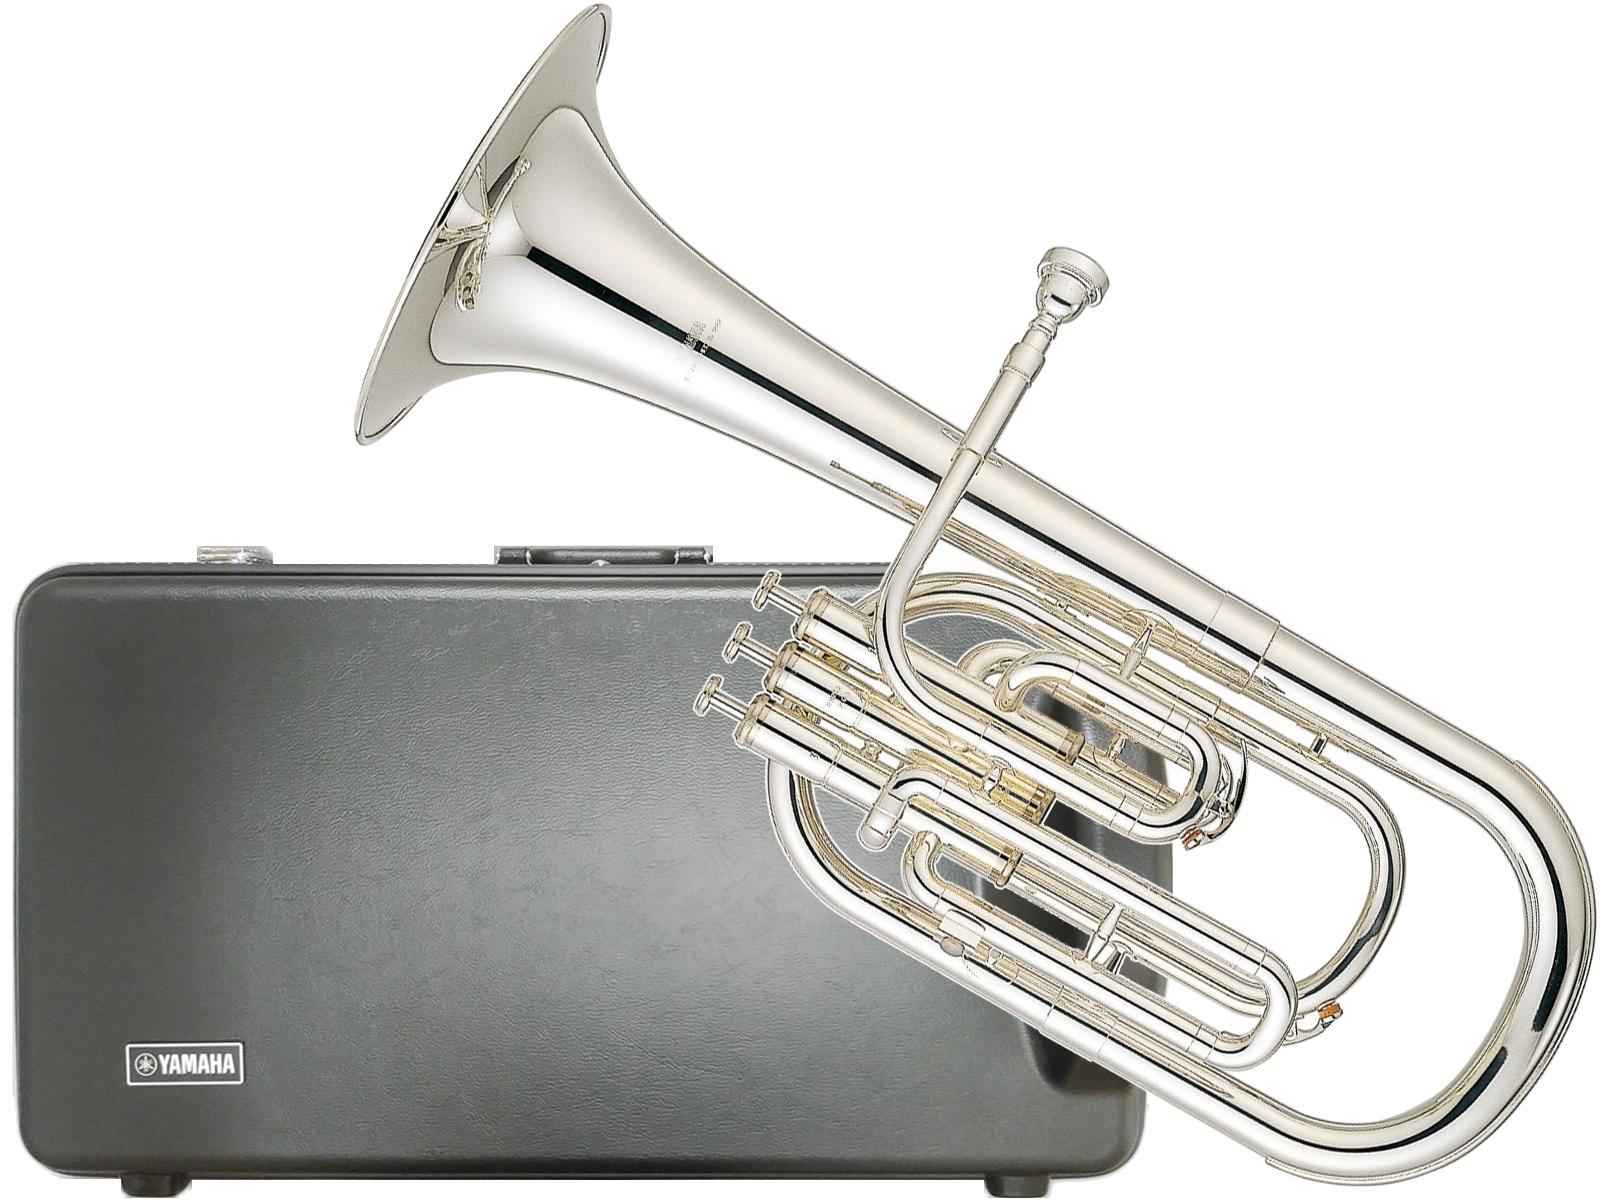 YAMAHA ( ヤマハ ) YAH-203S アルトホルン 正規品 E· 銀メッキ 3ピストン トップアクション 管楽器 Eb alto horn Eフラット 北海道 沖縄 離島不可